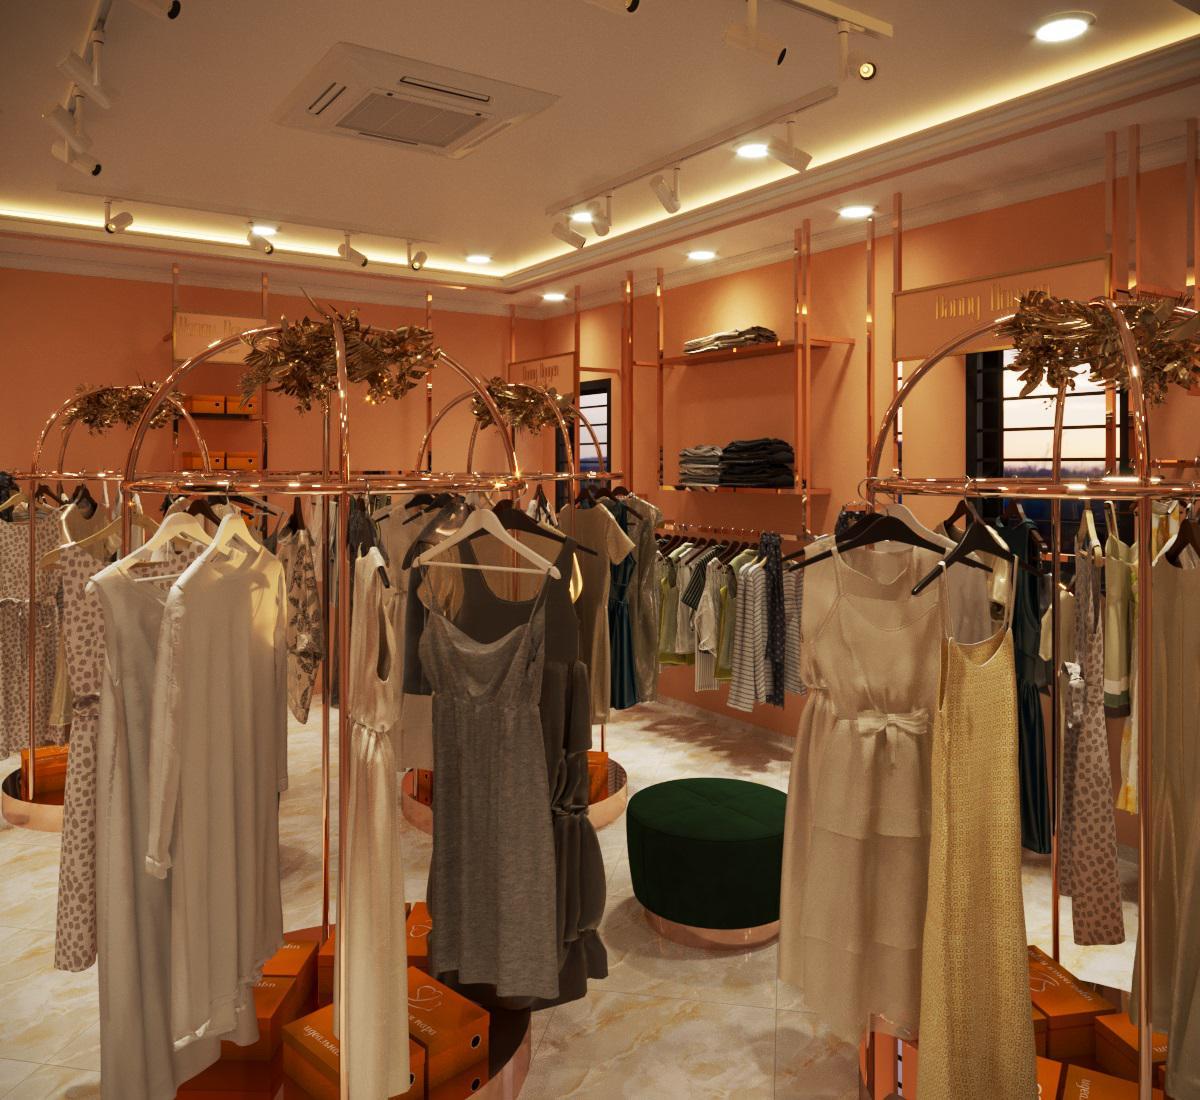 thiết kế nội thất Shop tại Hà Nội SHOP THỜI TRANG DANNY NGUYEN 10 1569650997